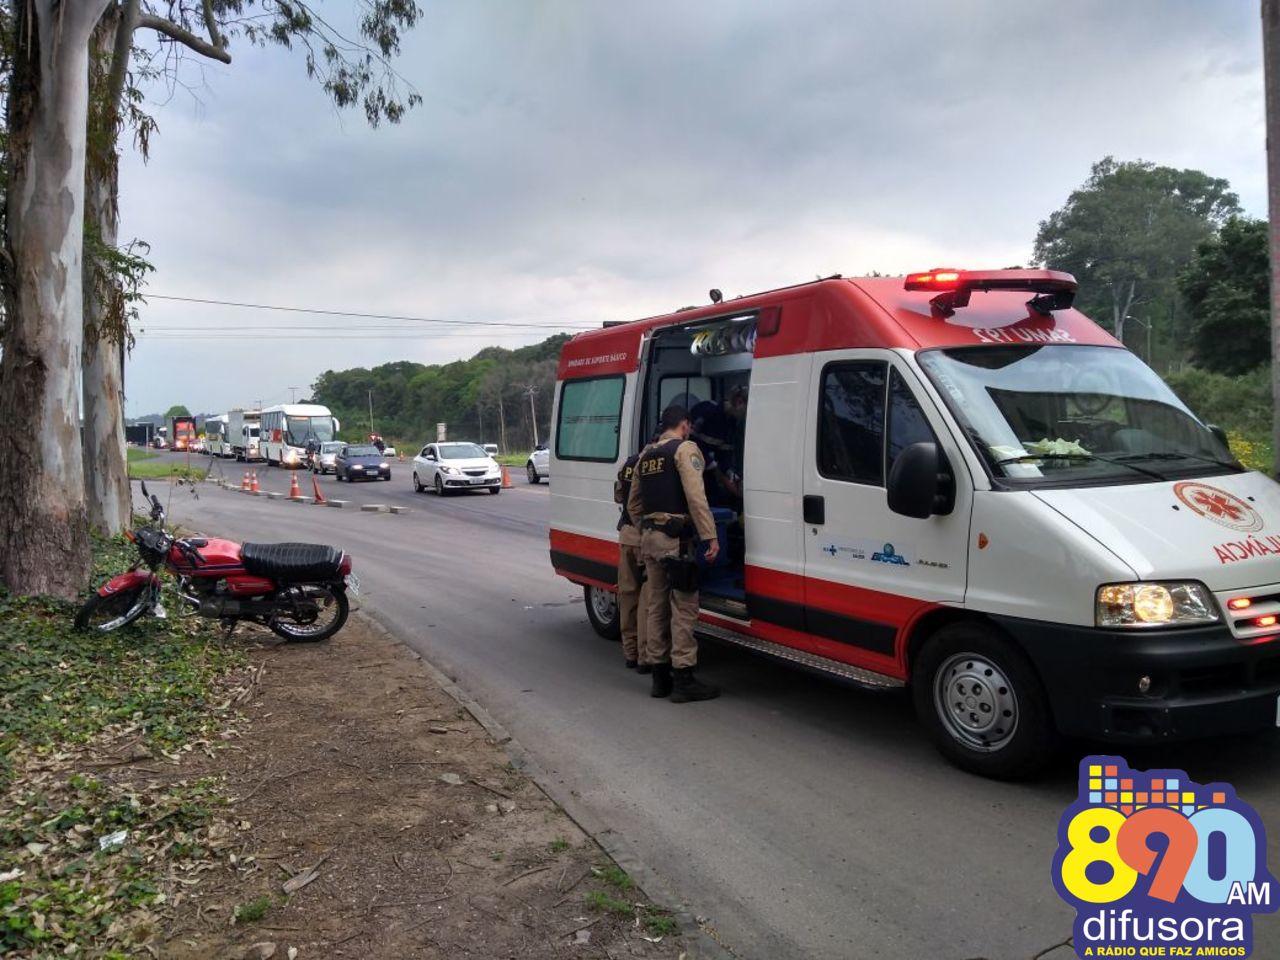 Motociclista fica levemente ferido após queda na BR-470 em Garibaldi